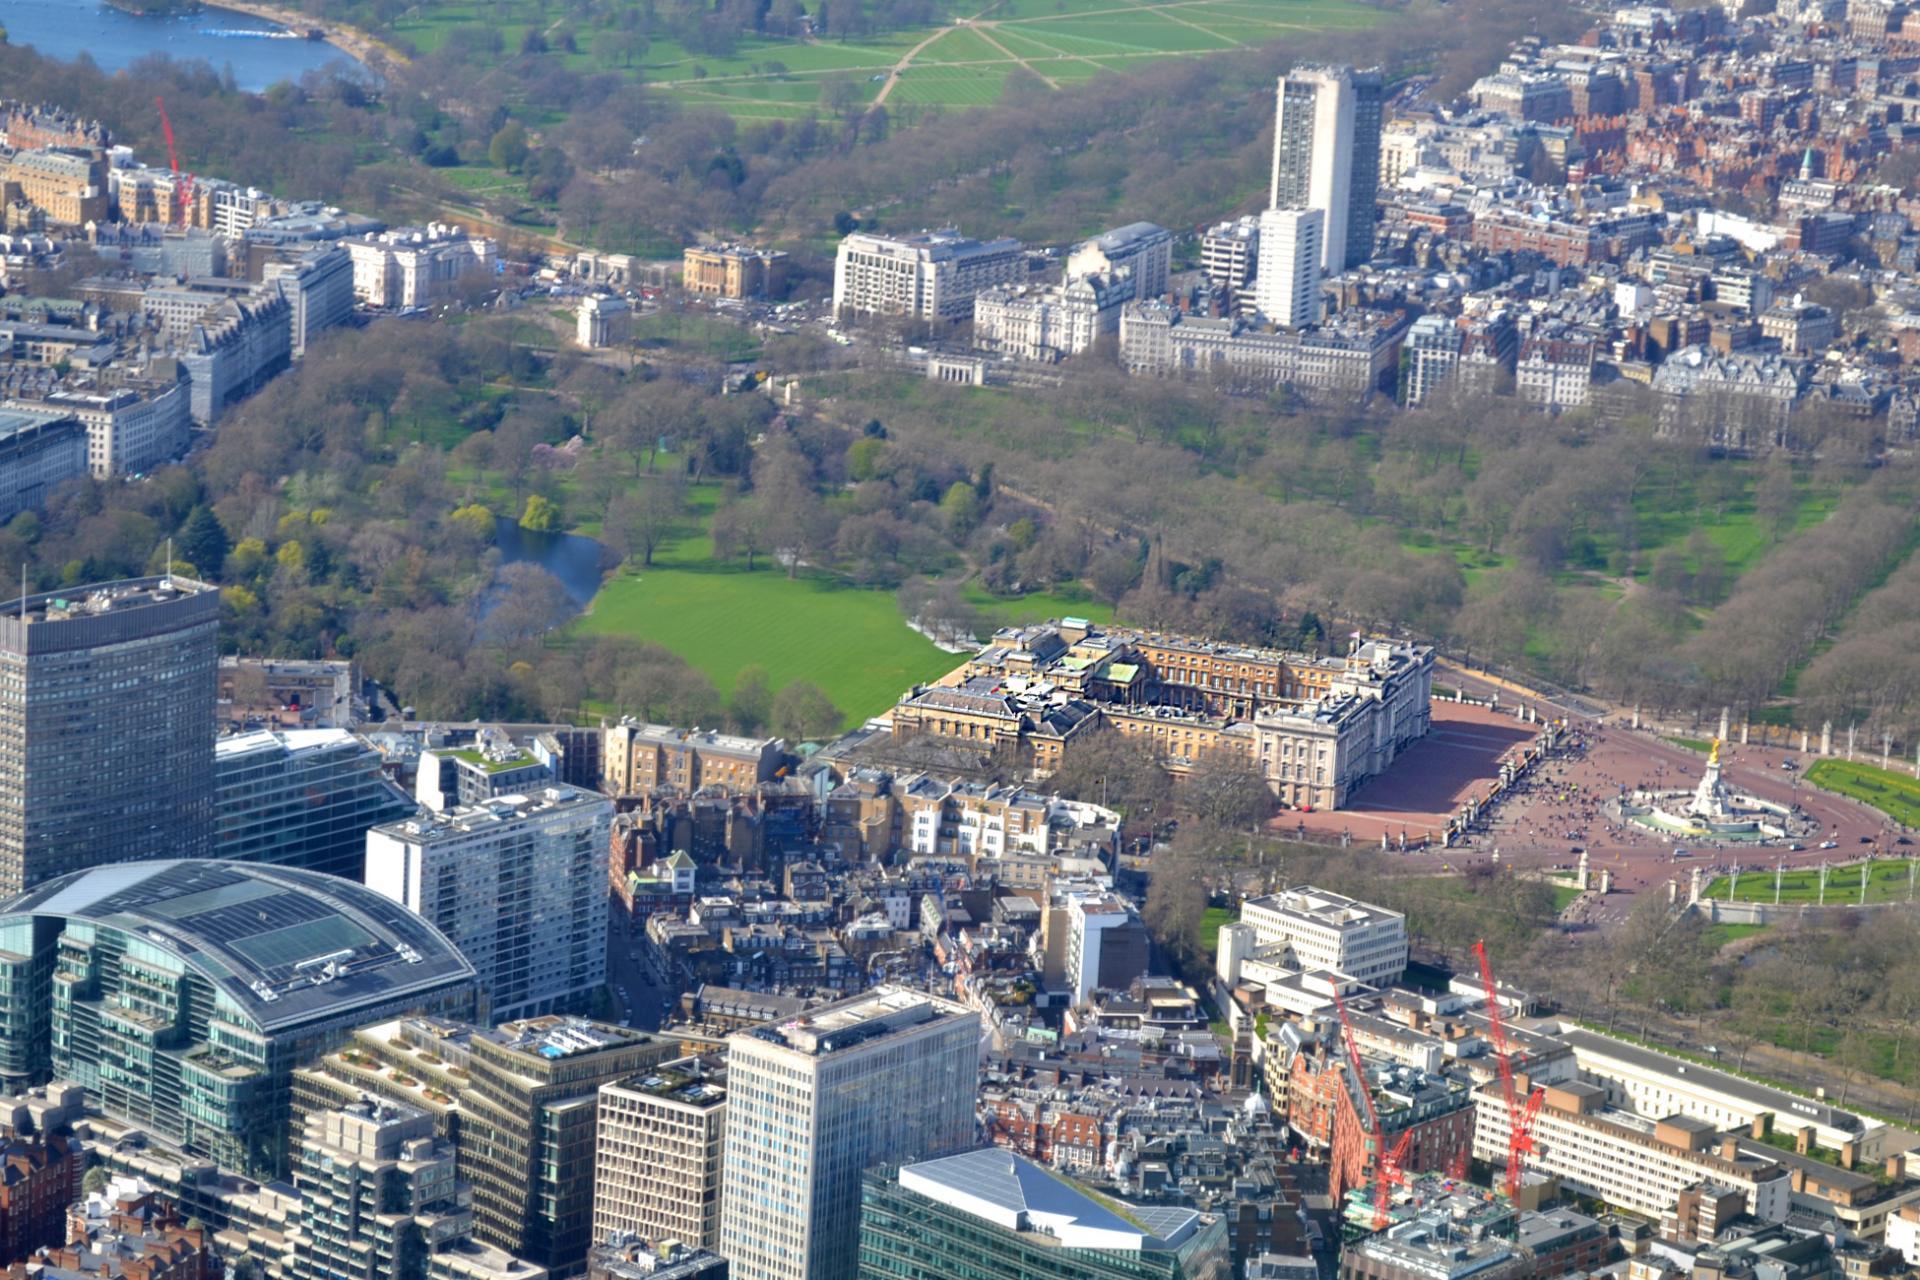 El palacio de Buckingham en Londres desde el aire